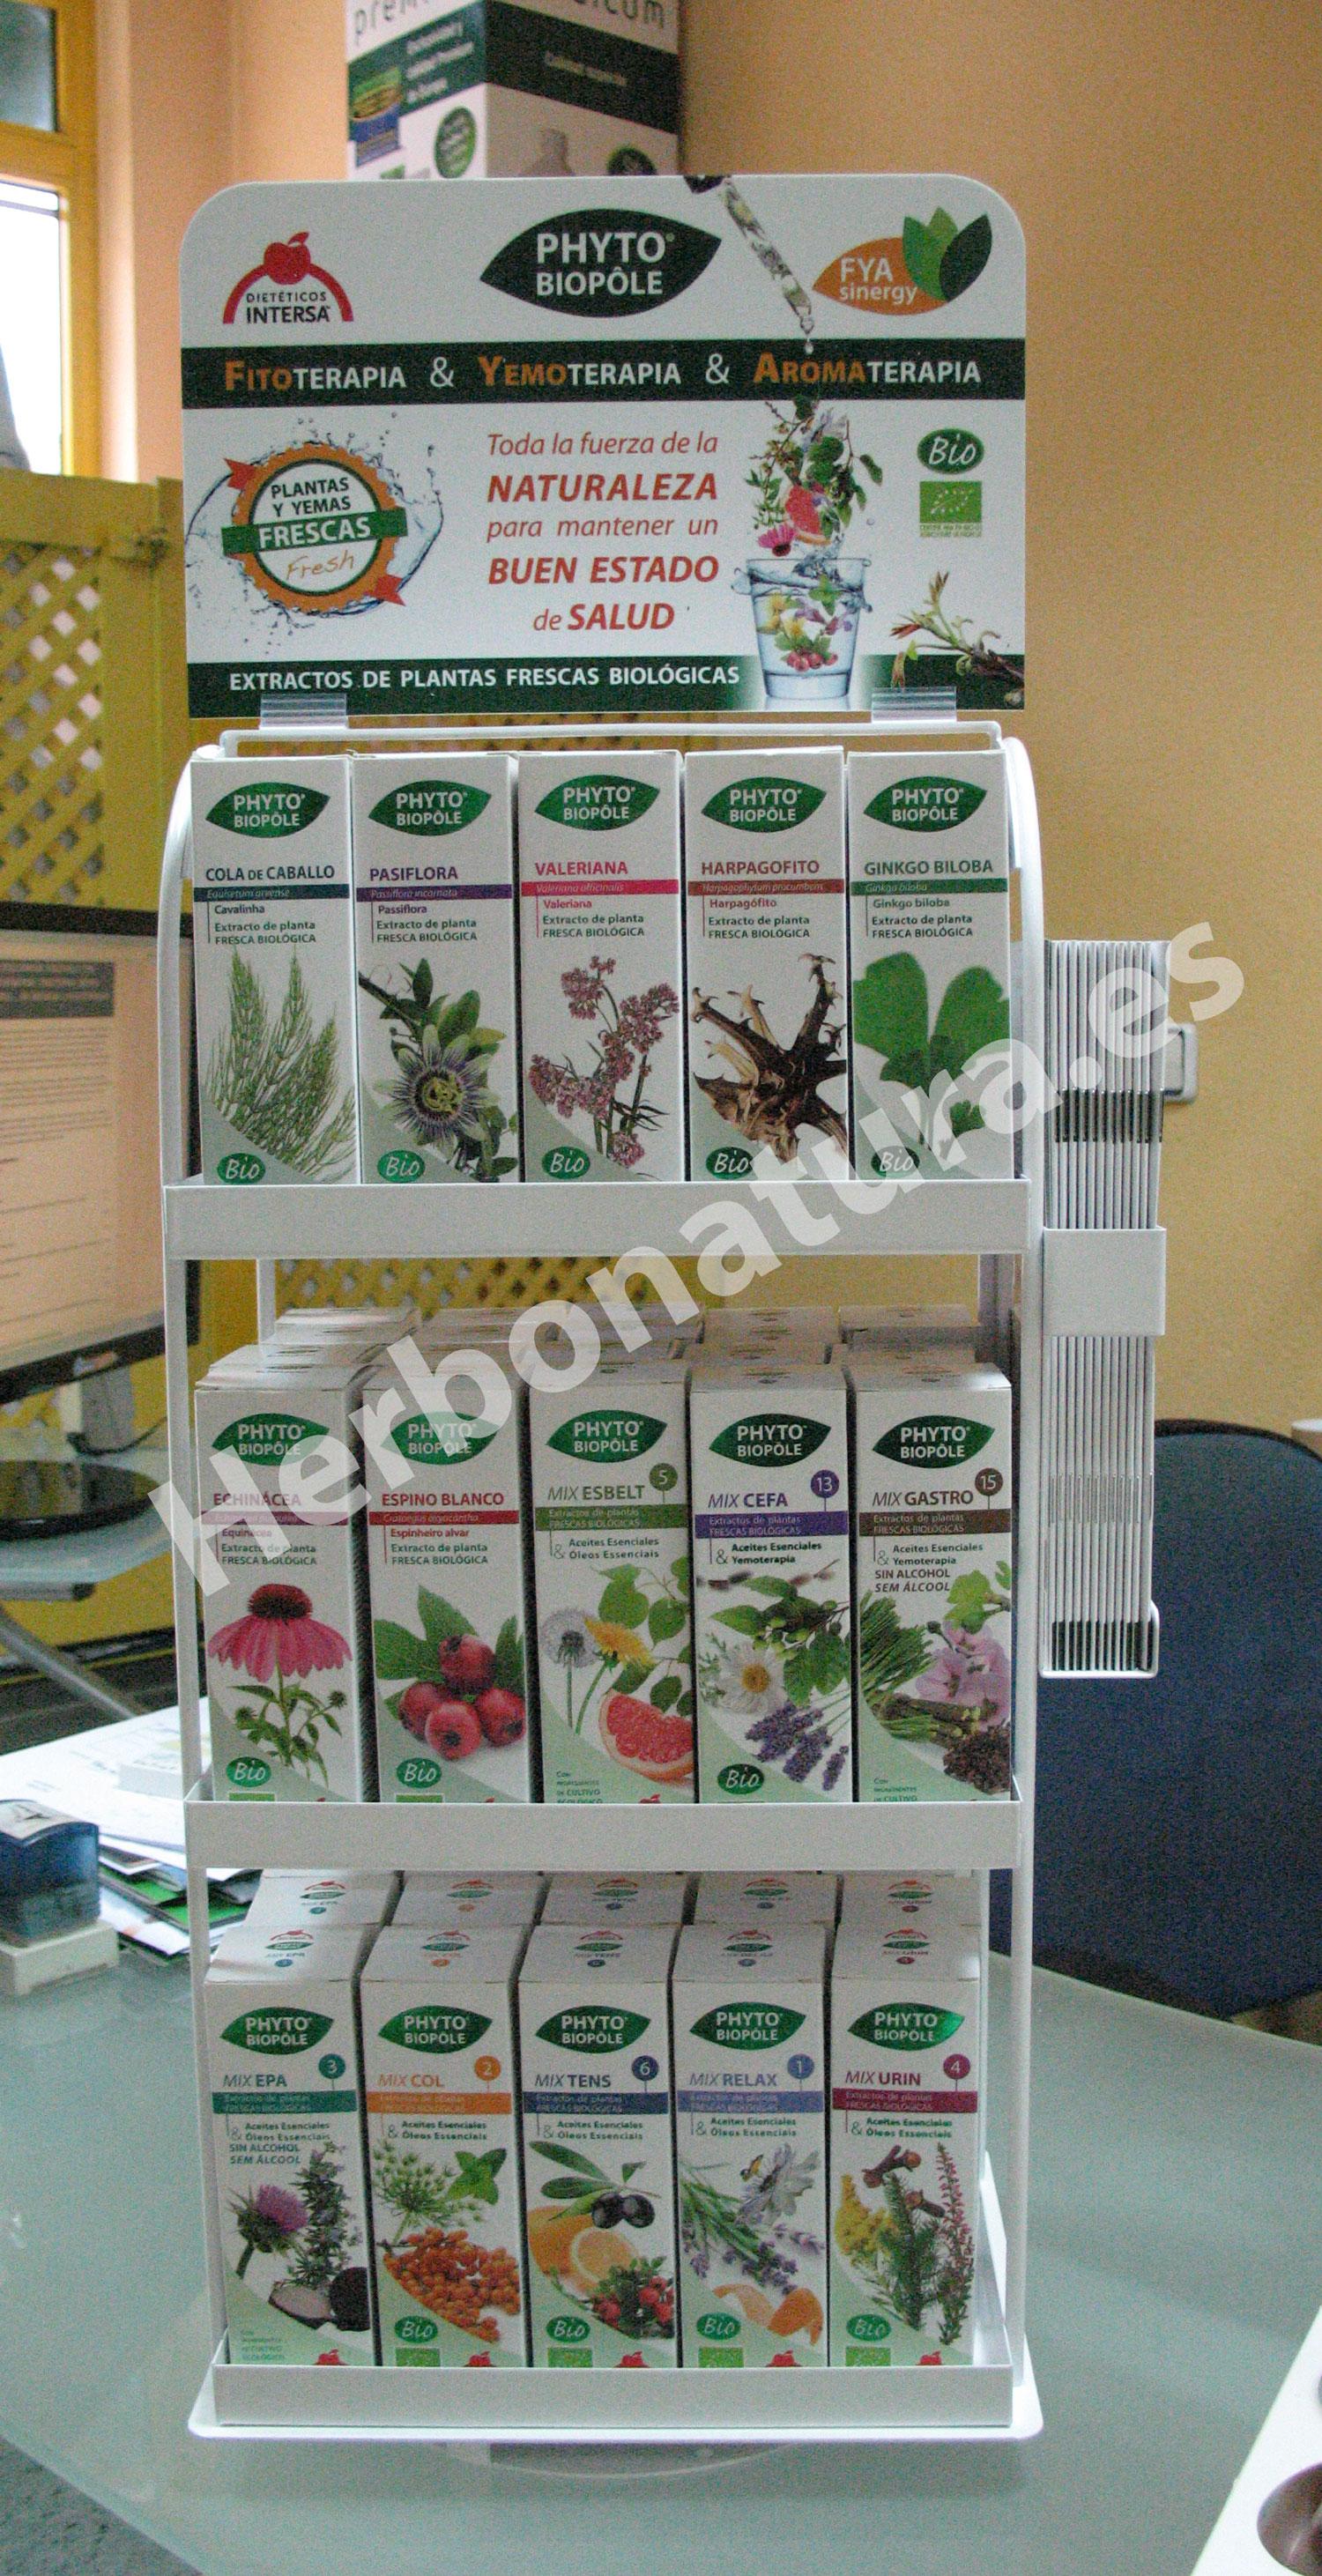 Gama de extractos de planta de Intersa en herbonatura.es